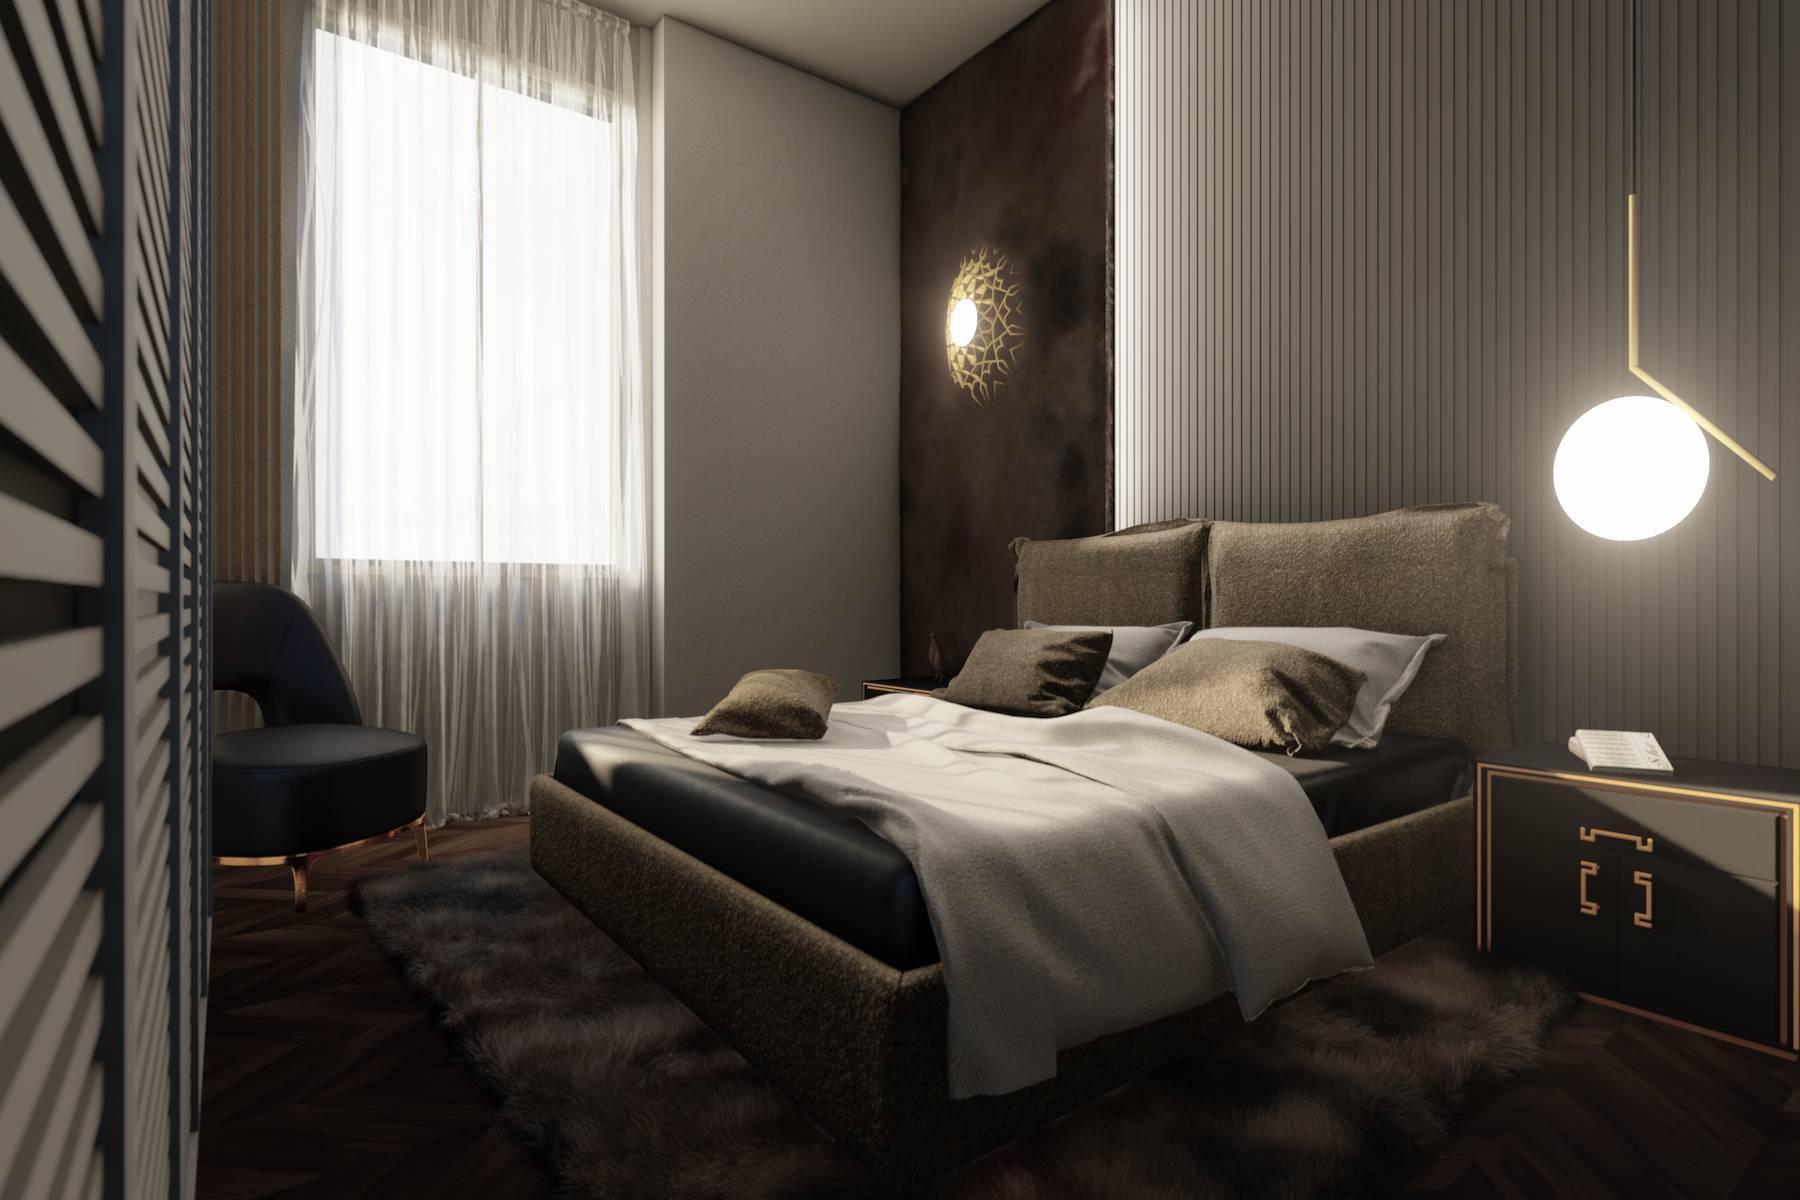 Luxus-Wohnung am Meer in Viareggio - 4